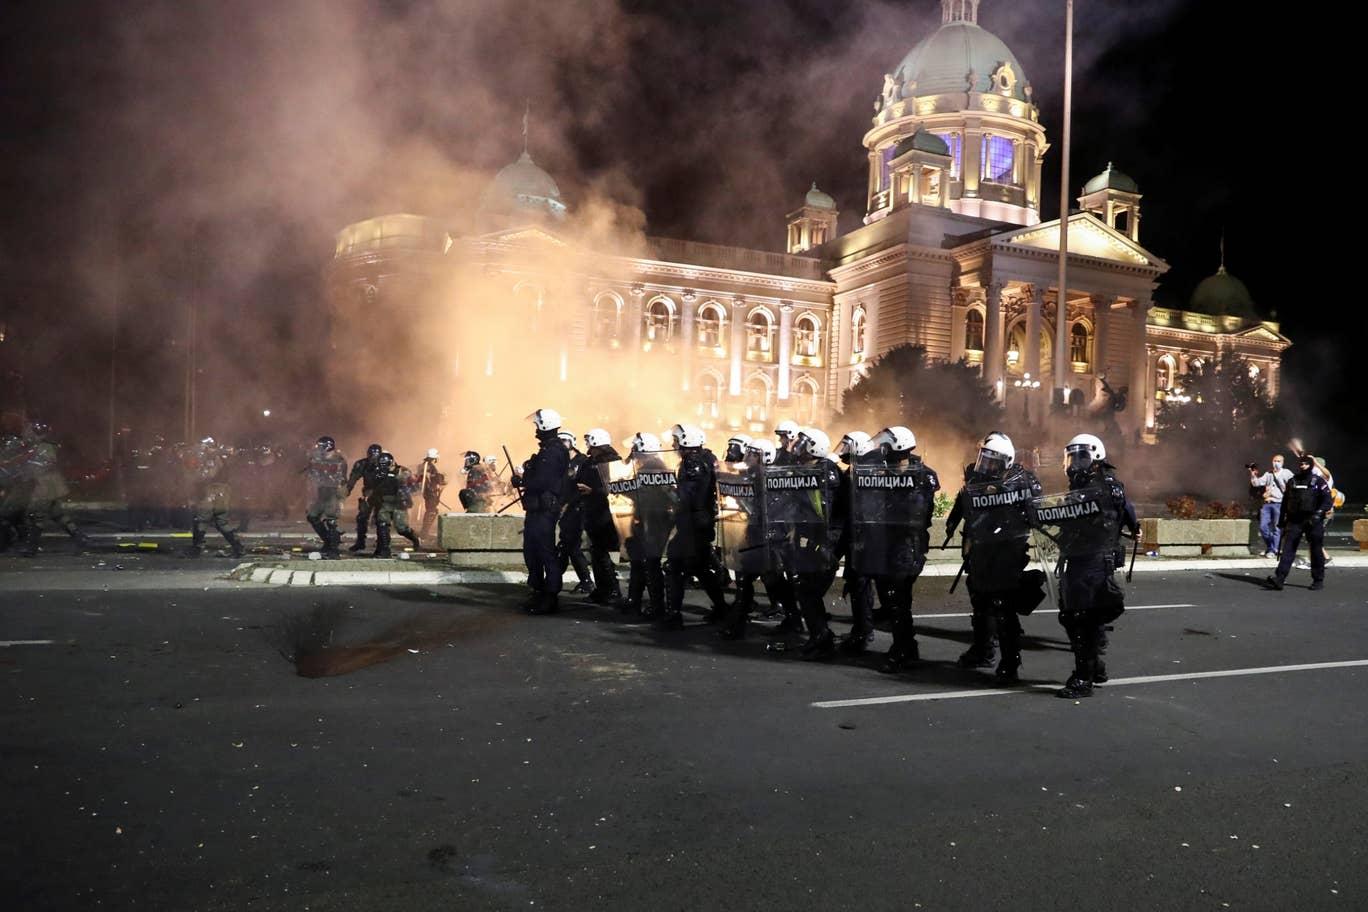 Белград в огне: в Сербии проходят массовые протесты против комендантског...